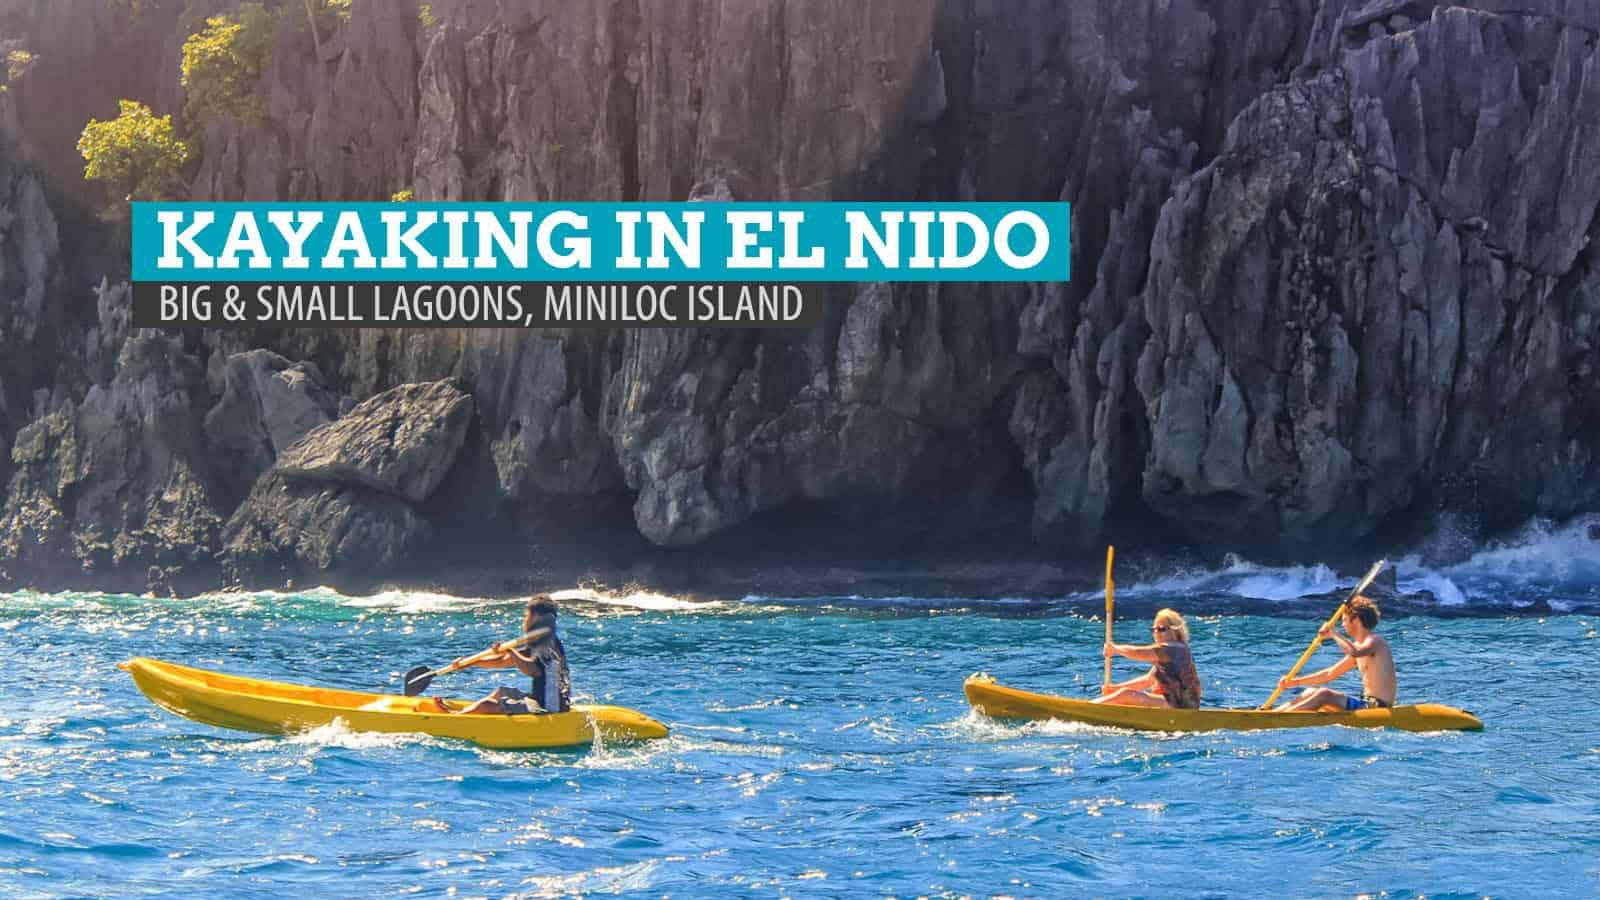 El Nido Kayaking